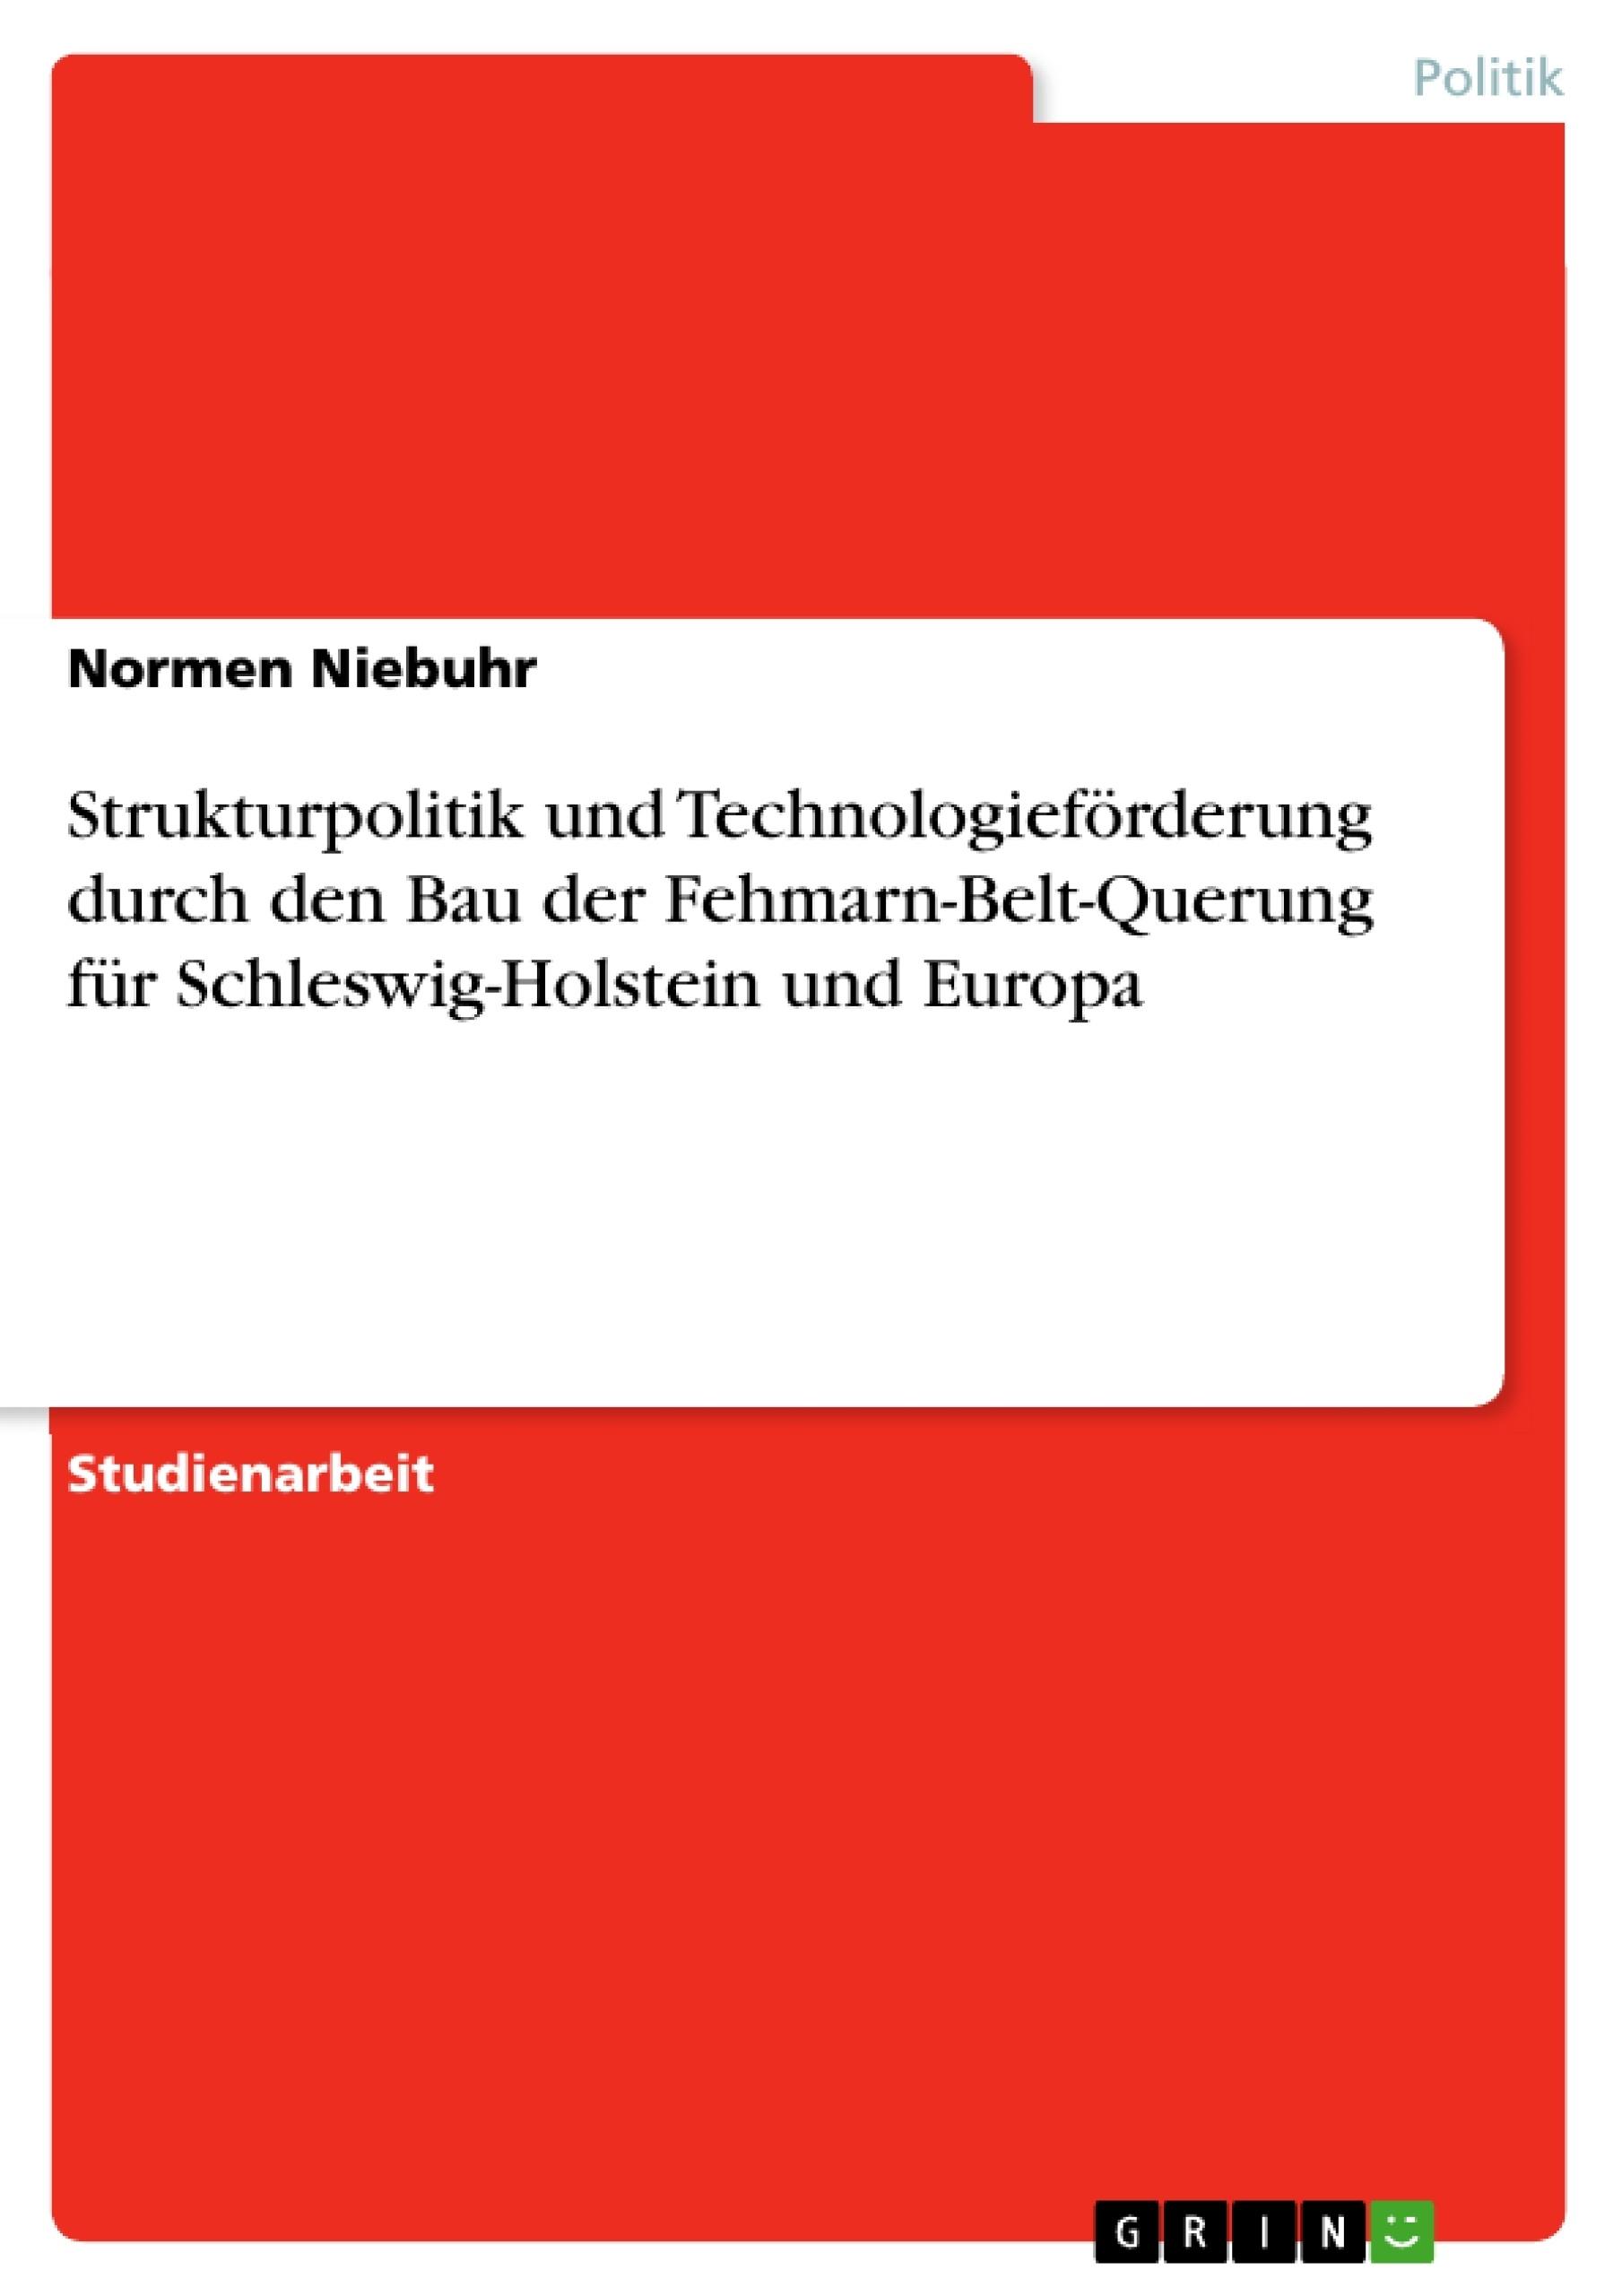 Titel: Strukturpolitik und Technologieförderung durch den Bau der Fehmarn-Belt-Querung für Schleswig-Holstein und Europa